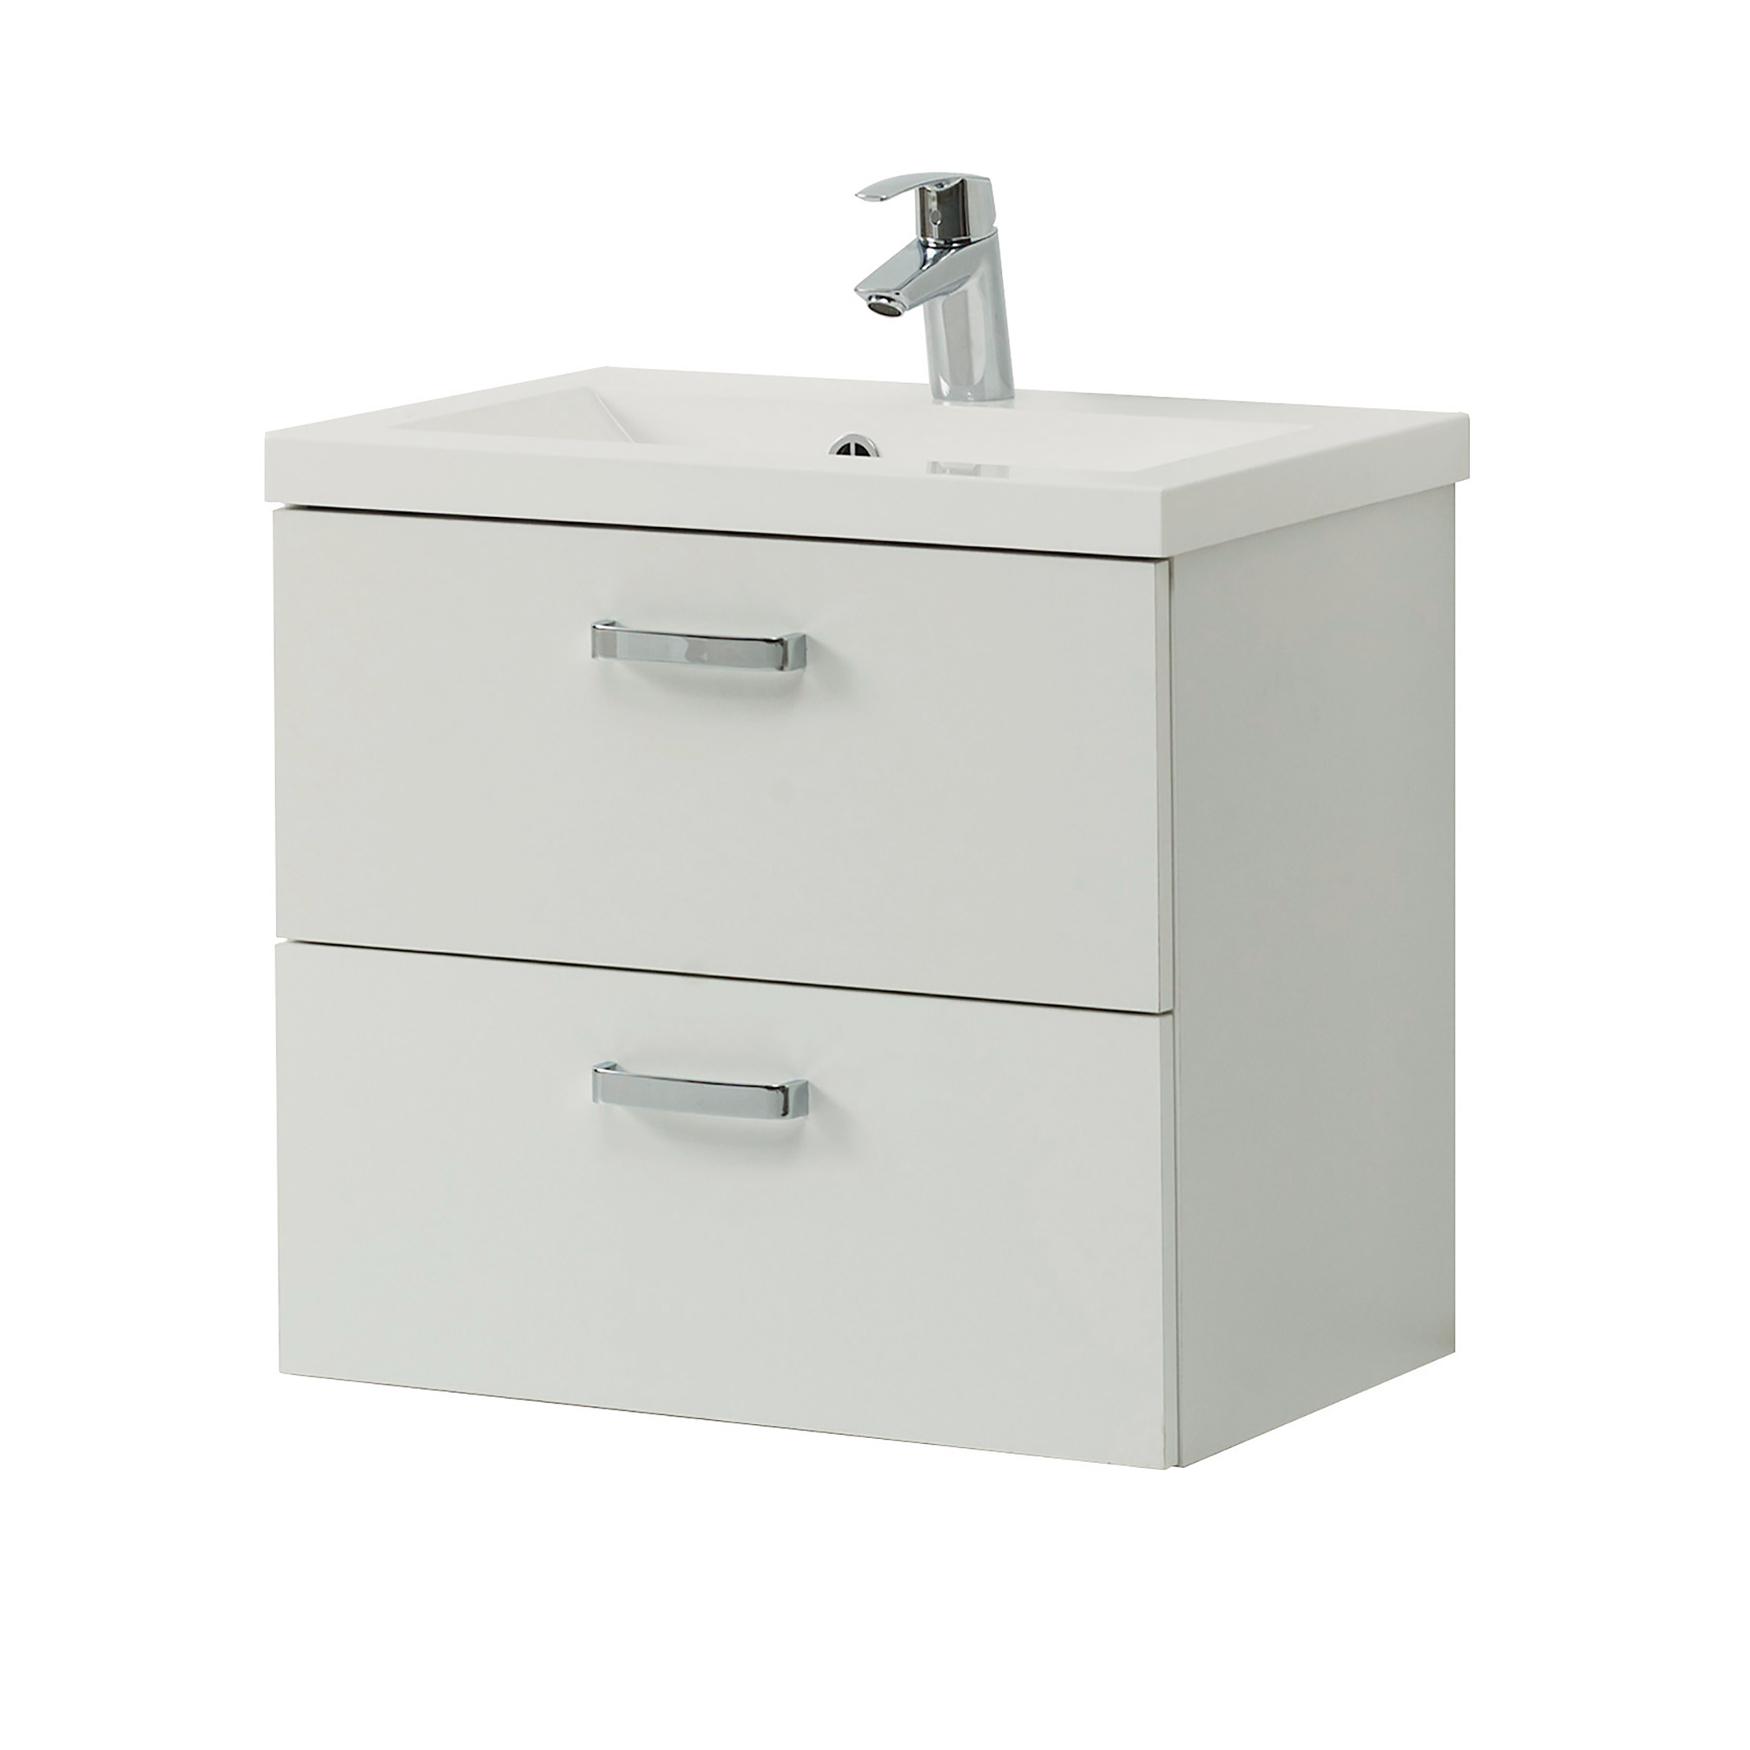 badm bel set montreal mit spiegel 6 teilig 120 cm. Black Bedroom Furniture Sets. Home Design Ideas